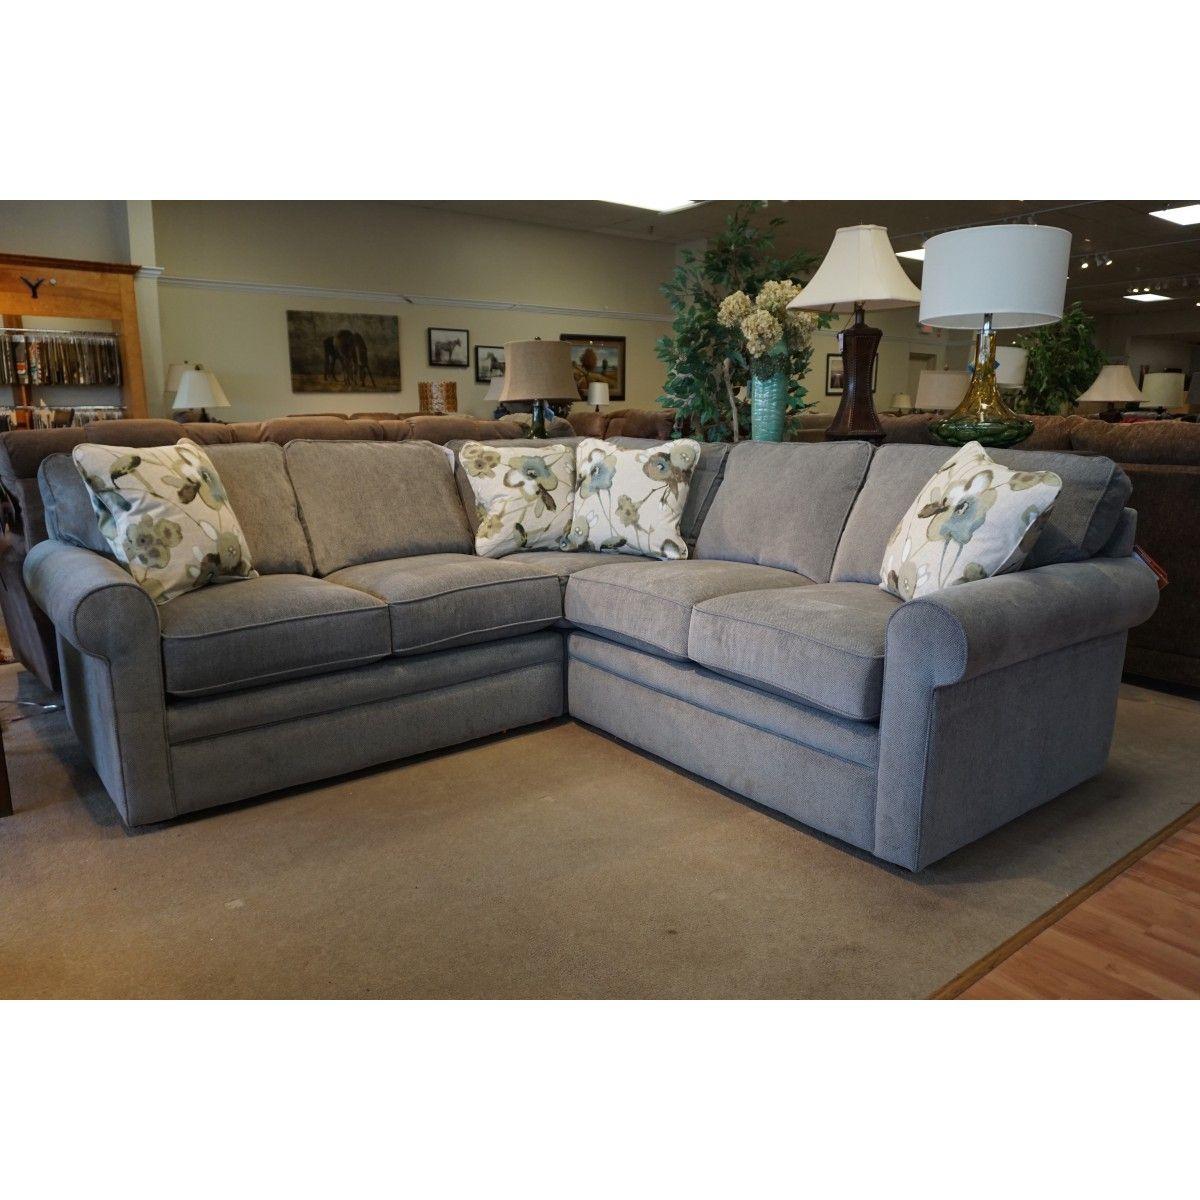 La Z Boy Collins Sectional Lazy Boy Furniture Sofa Home Lake